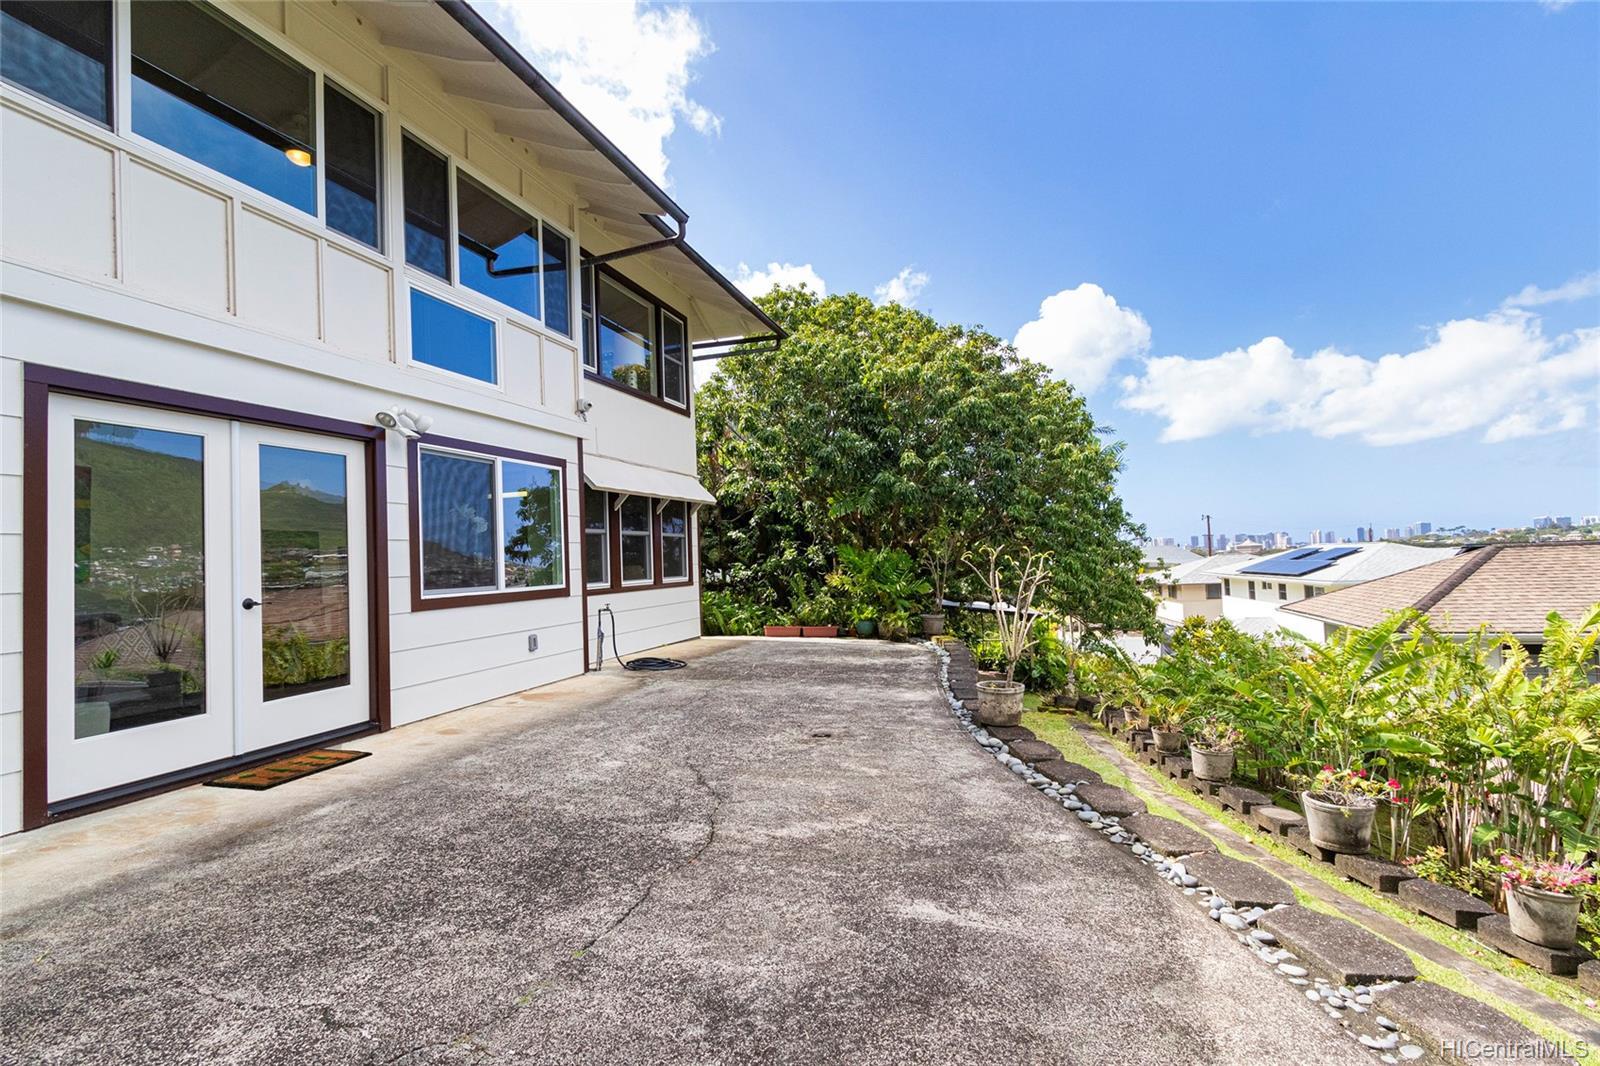 3212  Woodlawn Drive Manoa-woodlawn, Honolulu home - photo 14 of 25